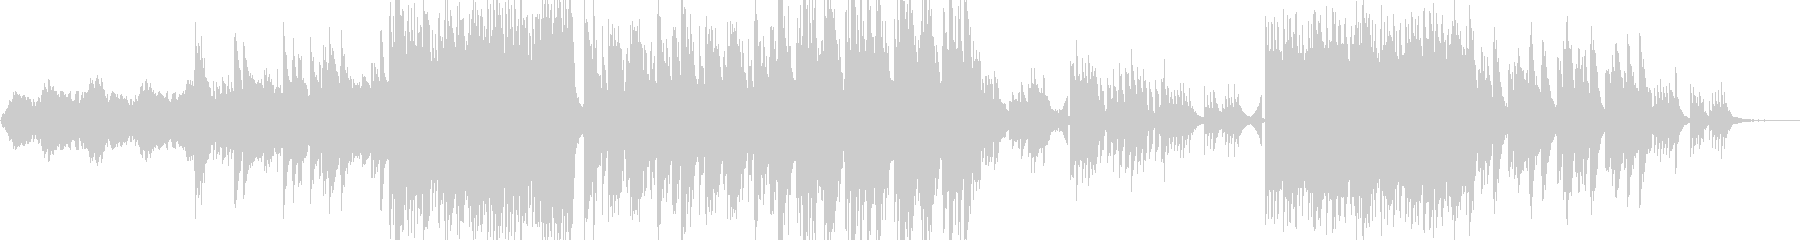 ピアノメインのダンスミュージックの未再生の波形